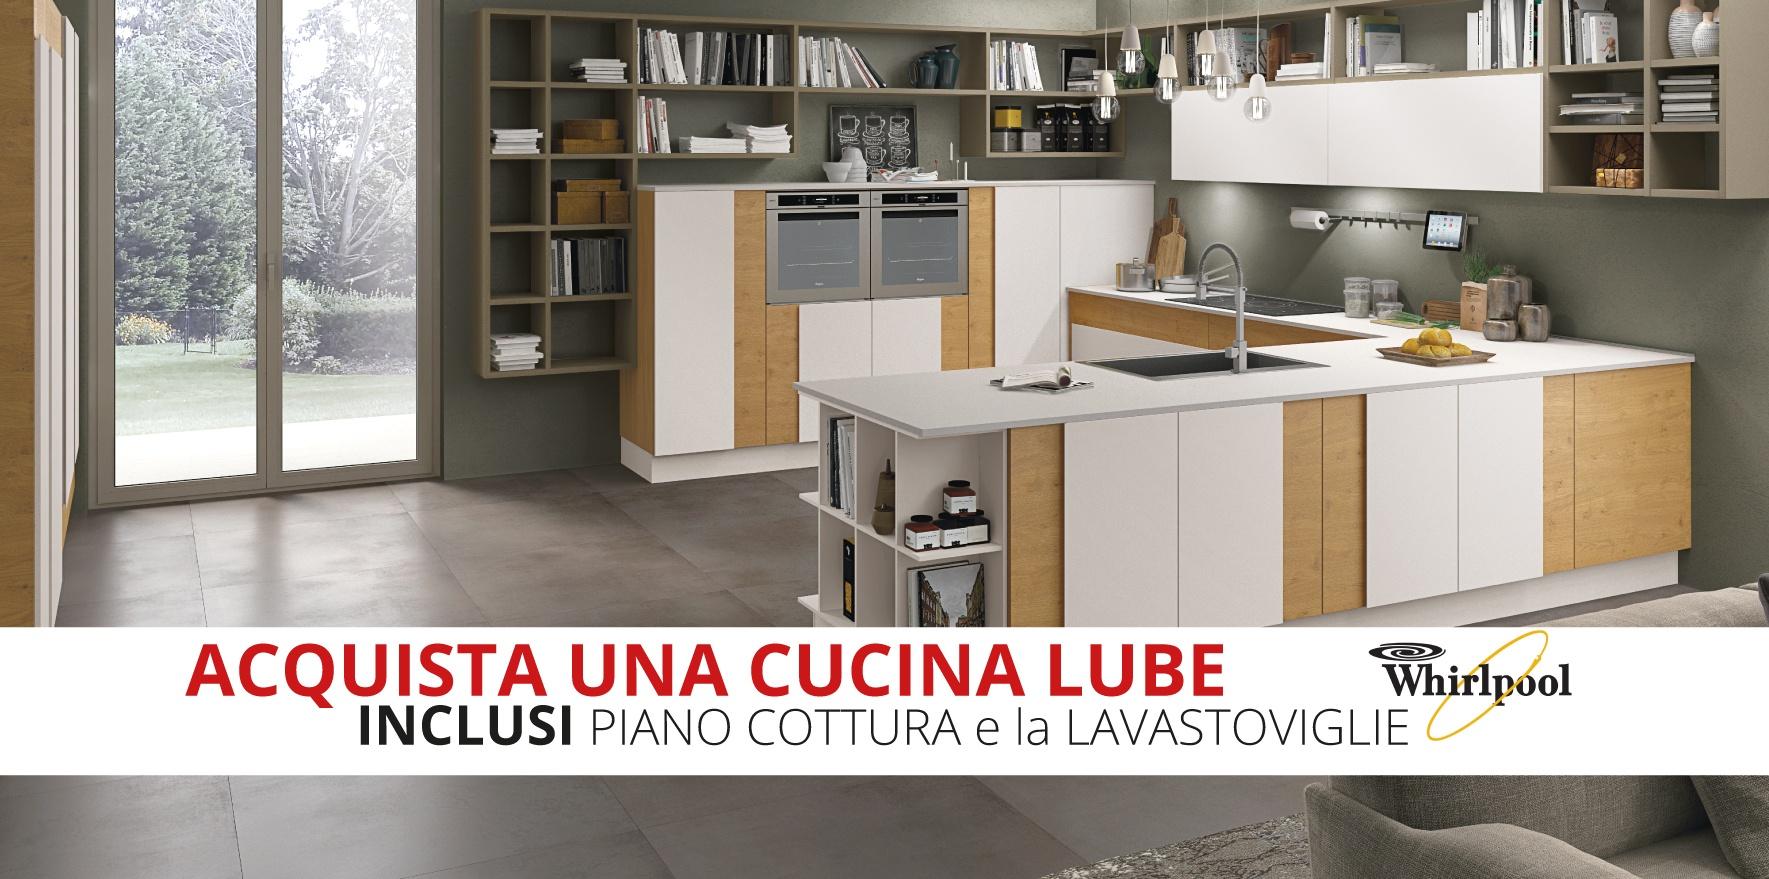 Promozione Giugno 2016 - Lube Store Milano - Le Cucine Lube & Creo a ...